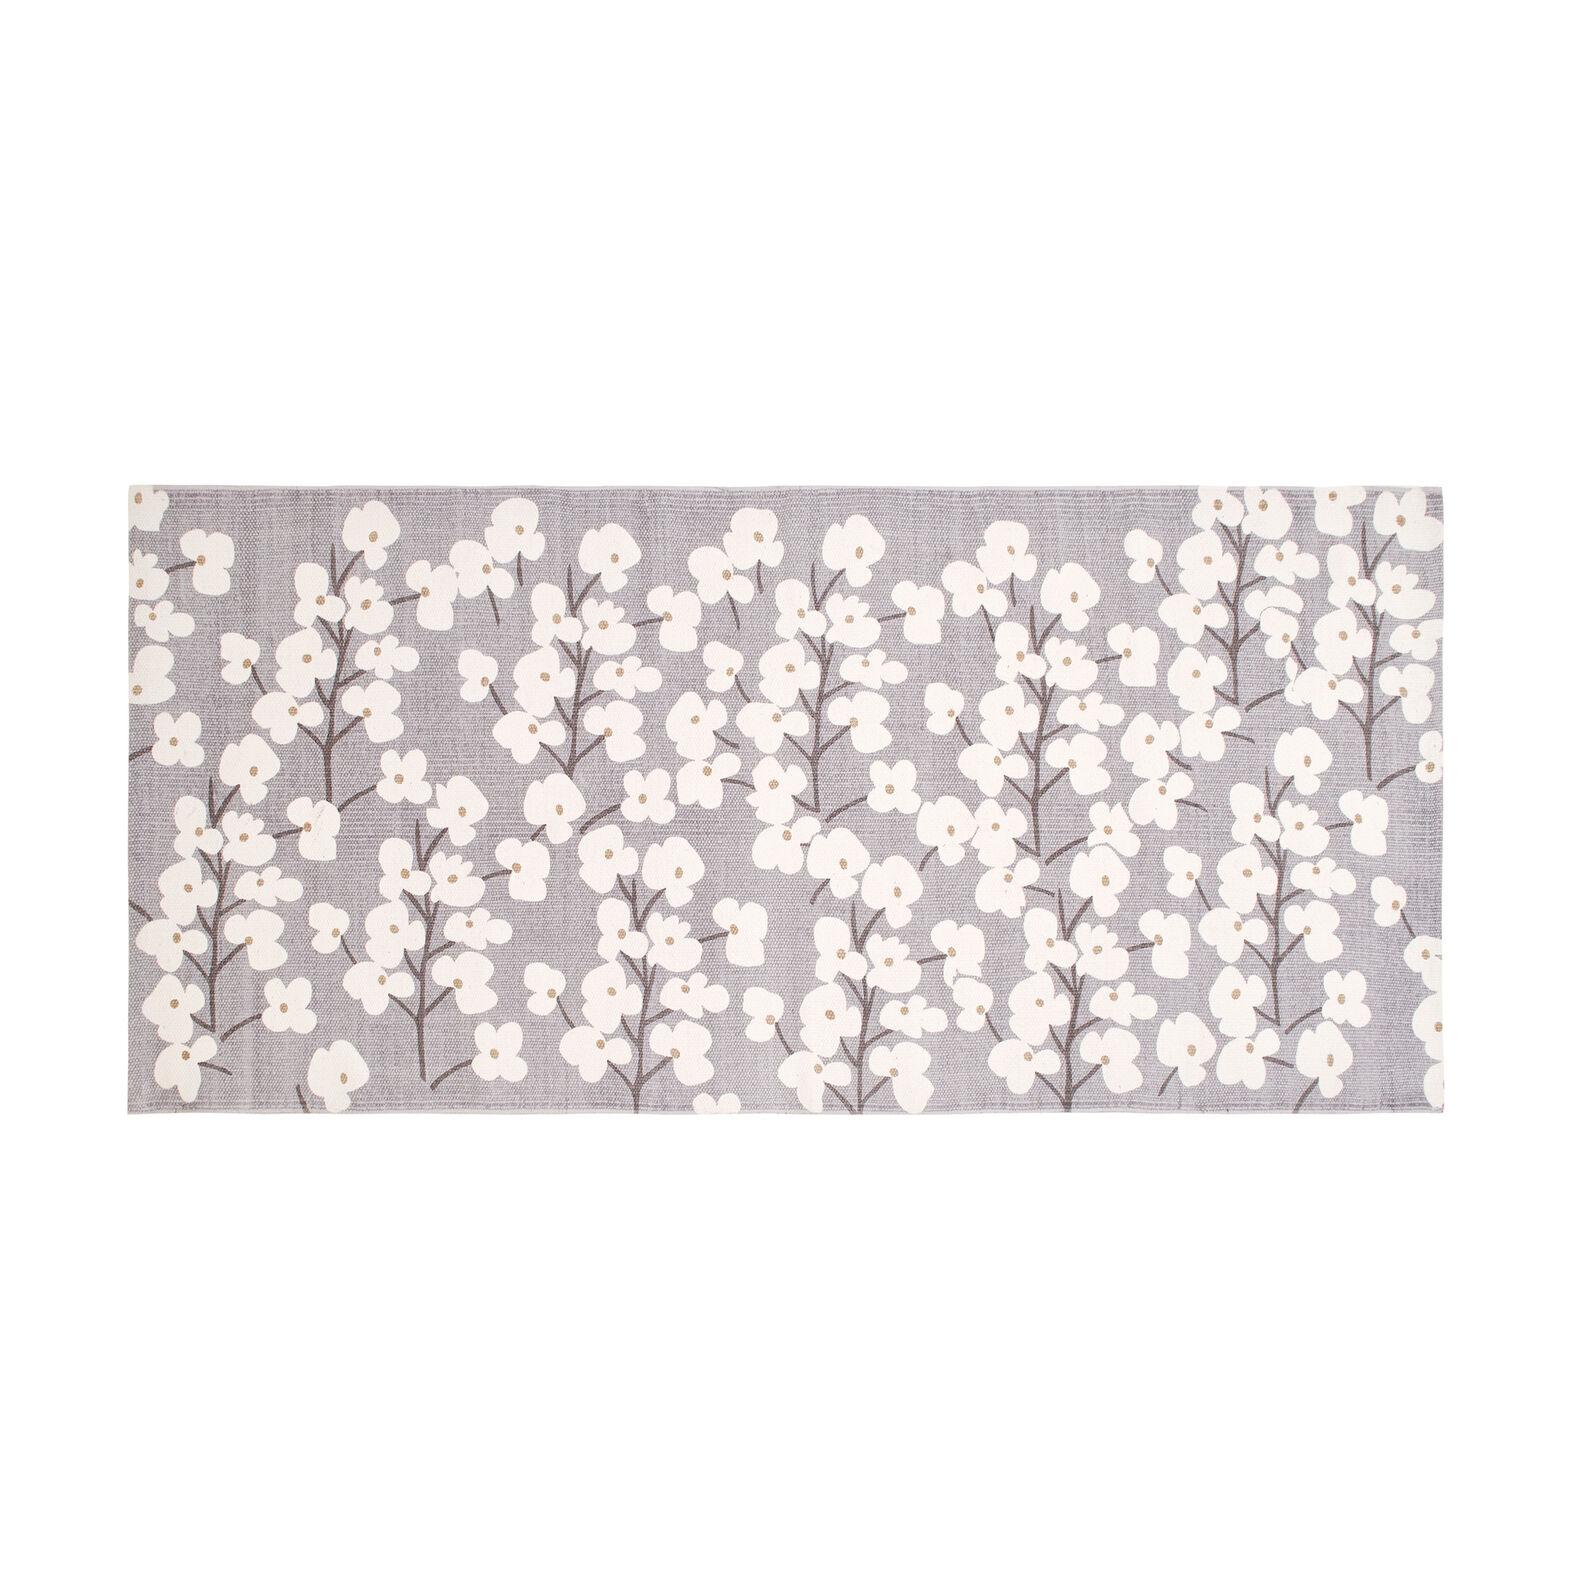 Tappeto cucina puro cotone floreale